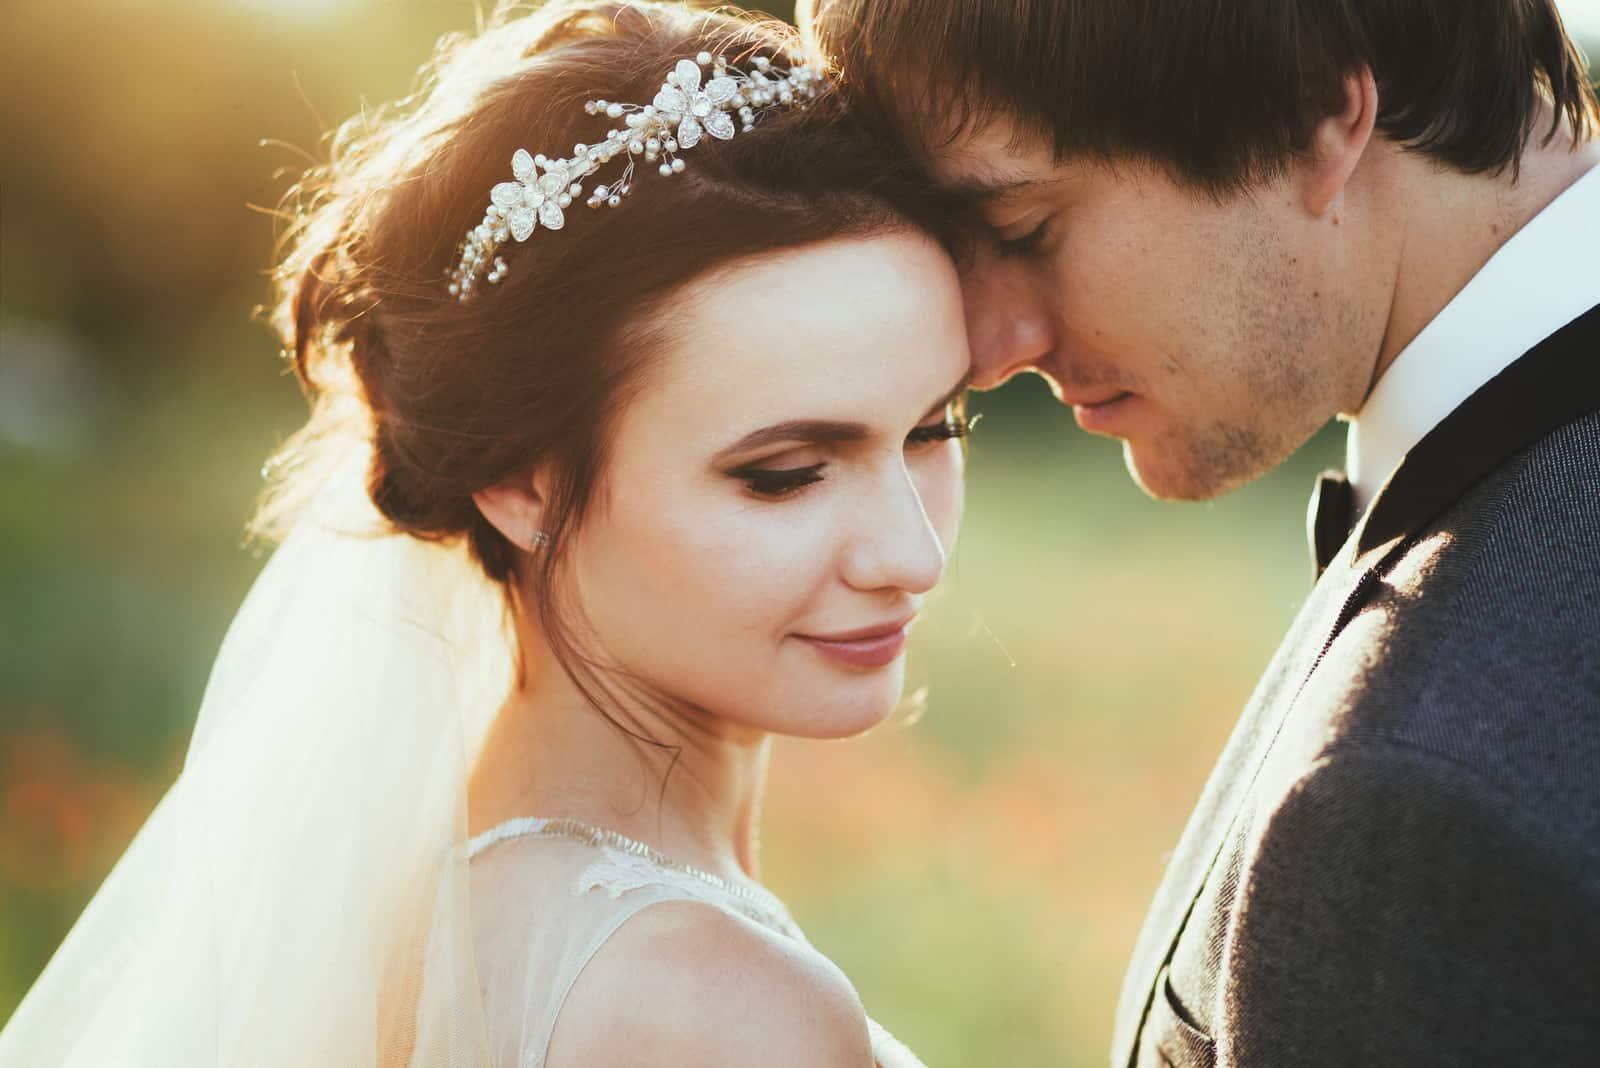 Sinnliches Portrait eines jungen Paares